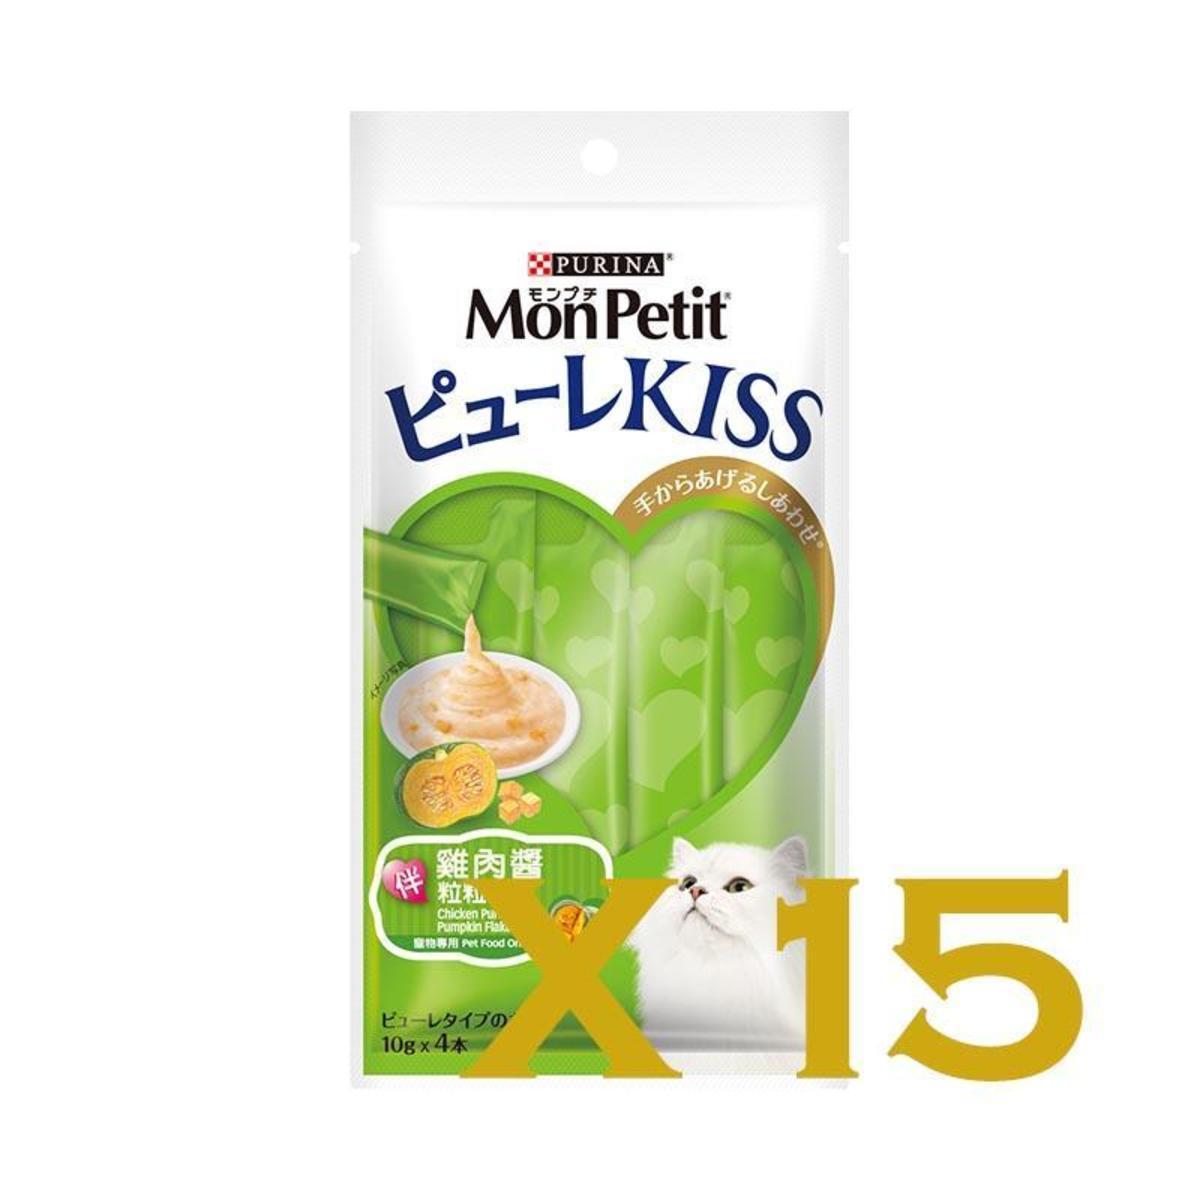 PureeKiss貓小食系列雞肉醬伴粒粒南瓜袋裝40g(10gx4條)-15袋(60條)